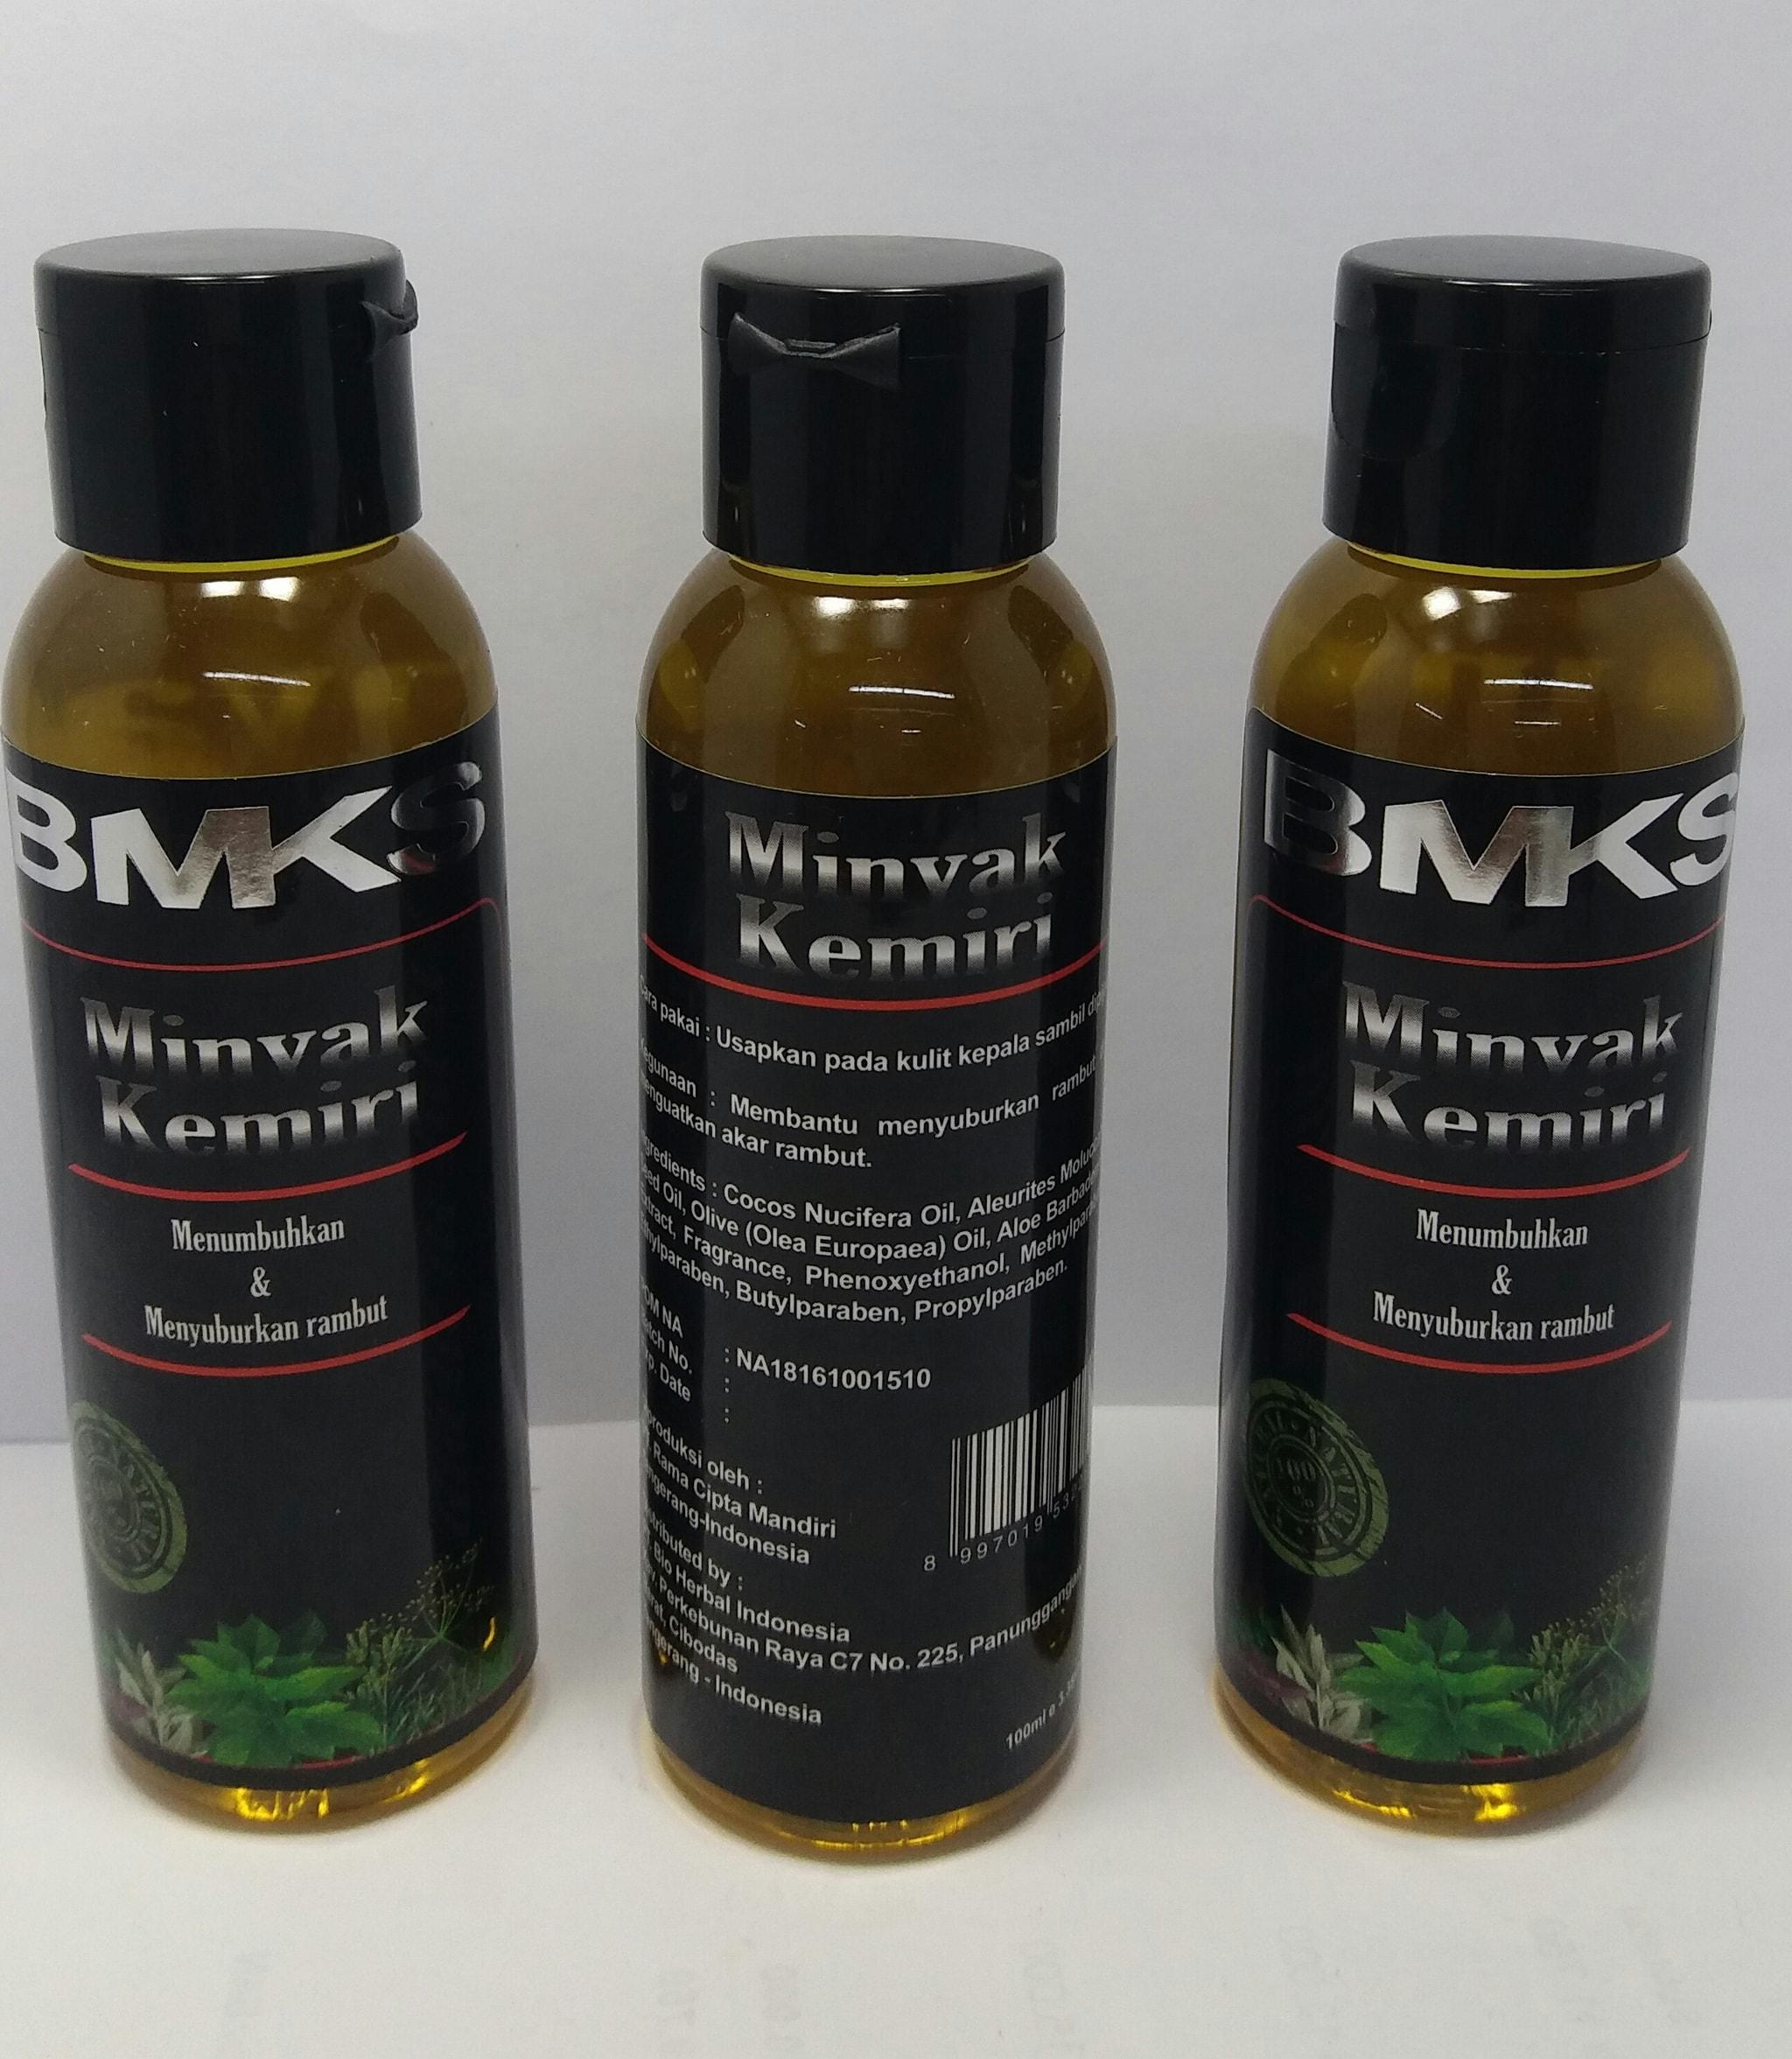 bmks minyak kemiri original bpom | pusat stokis | agen stokis Merk Minyak Kemiri Untuk Menyuburkan Rambut